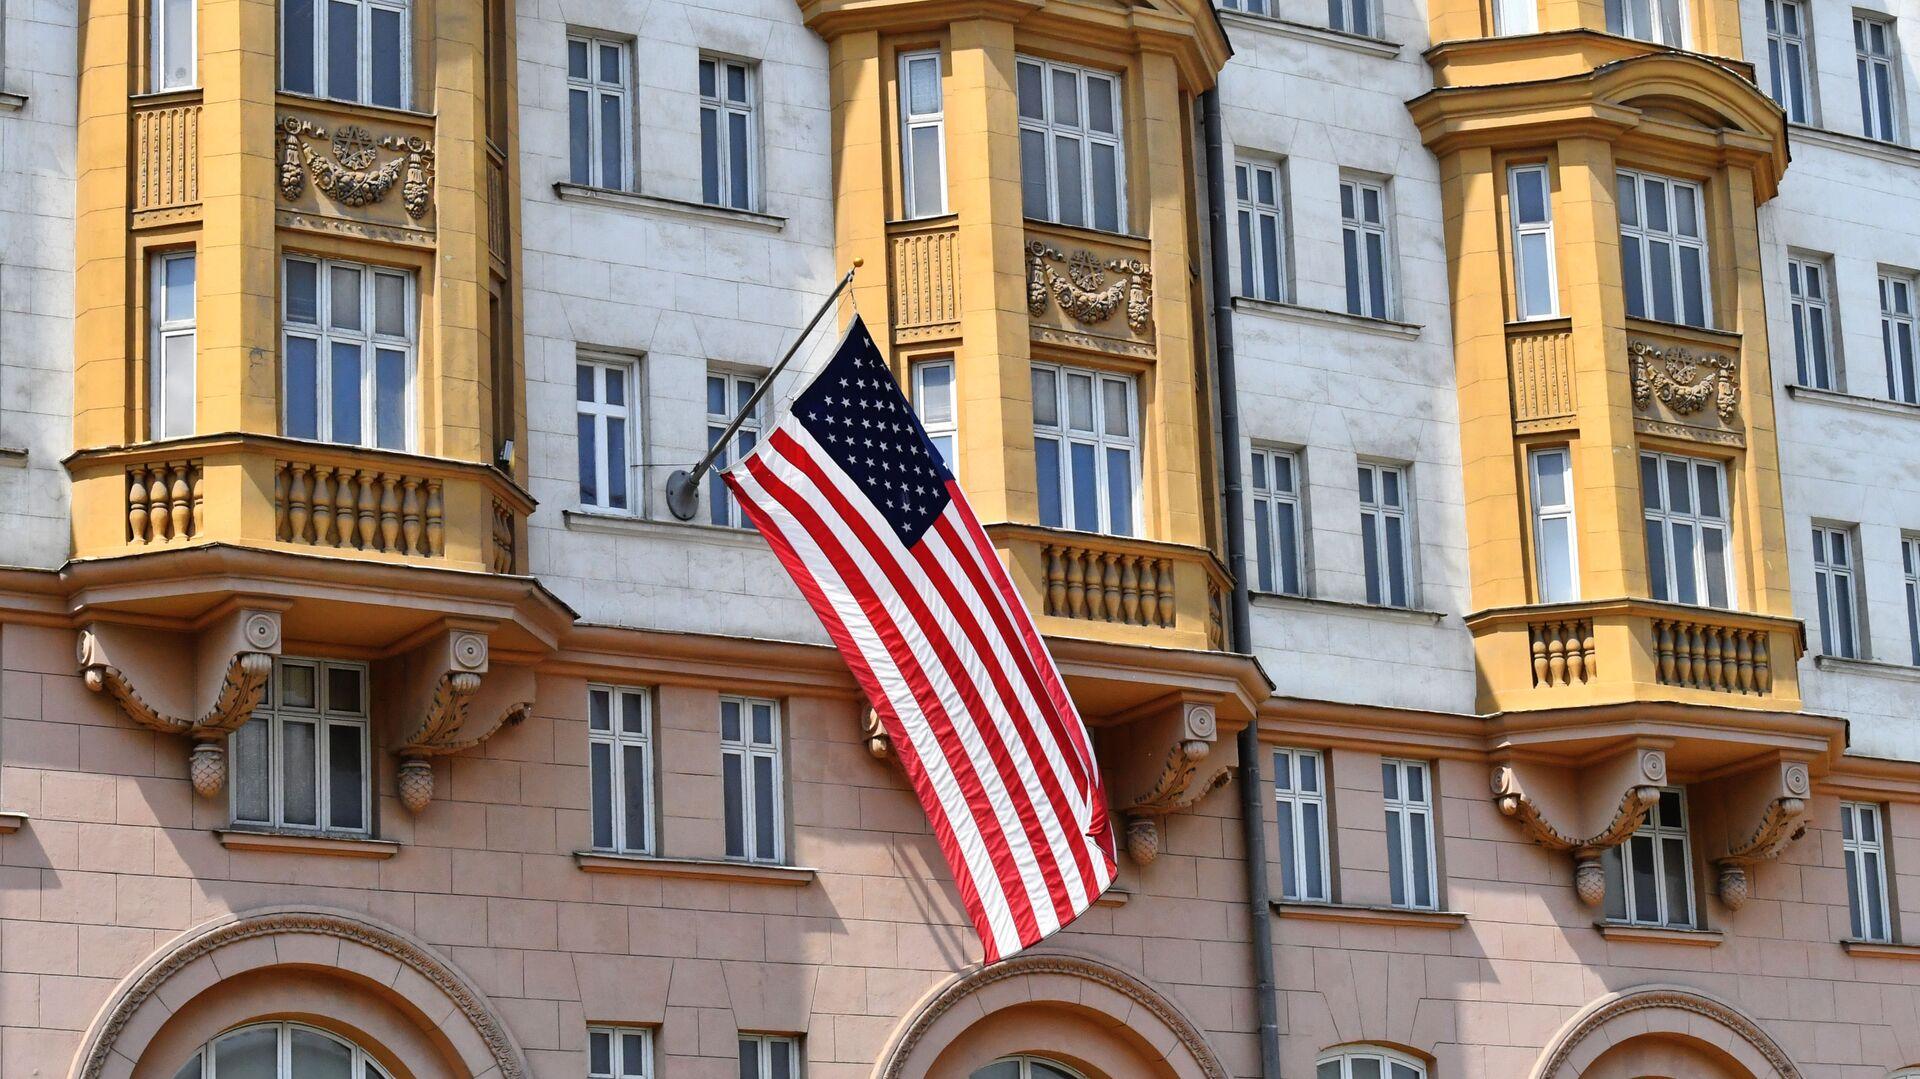 La bandera de EEUU en el edificio de la Embajada en Moscú, Rusia - Sputnik Mundo, 1920, 18.03.2021